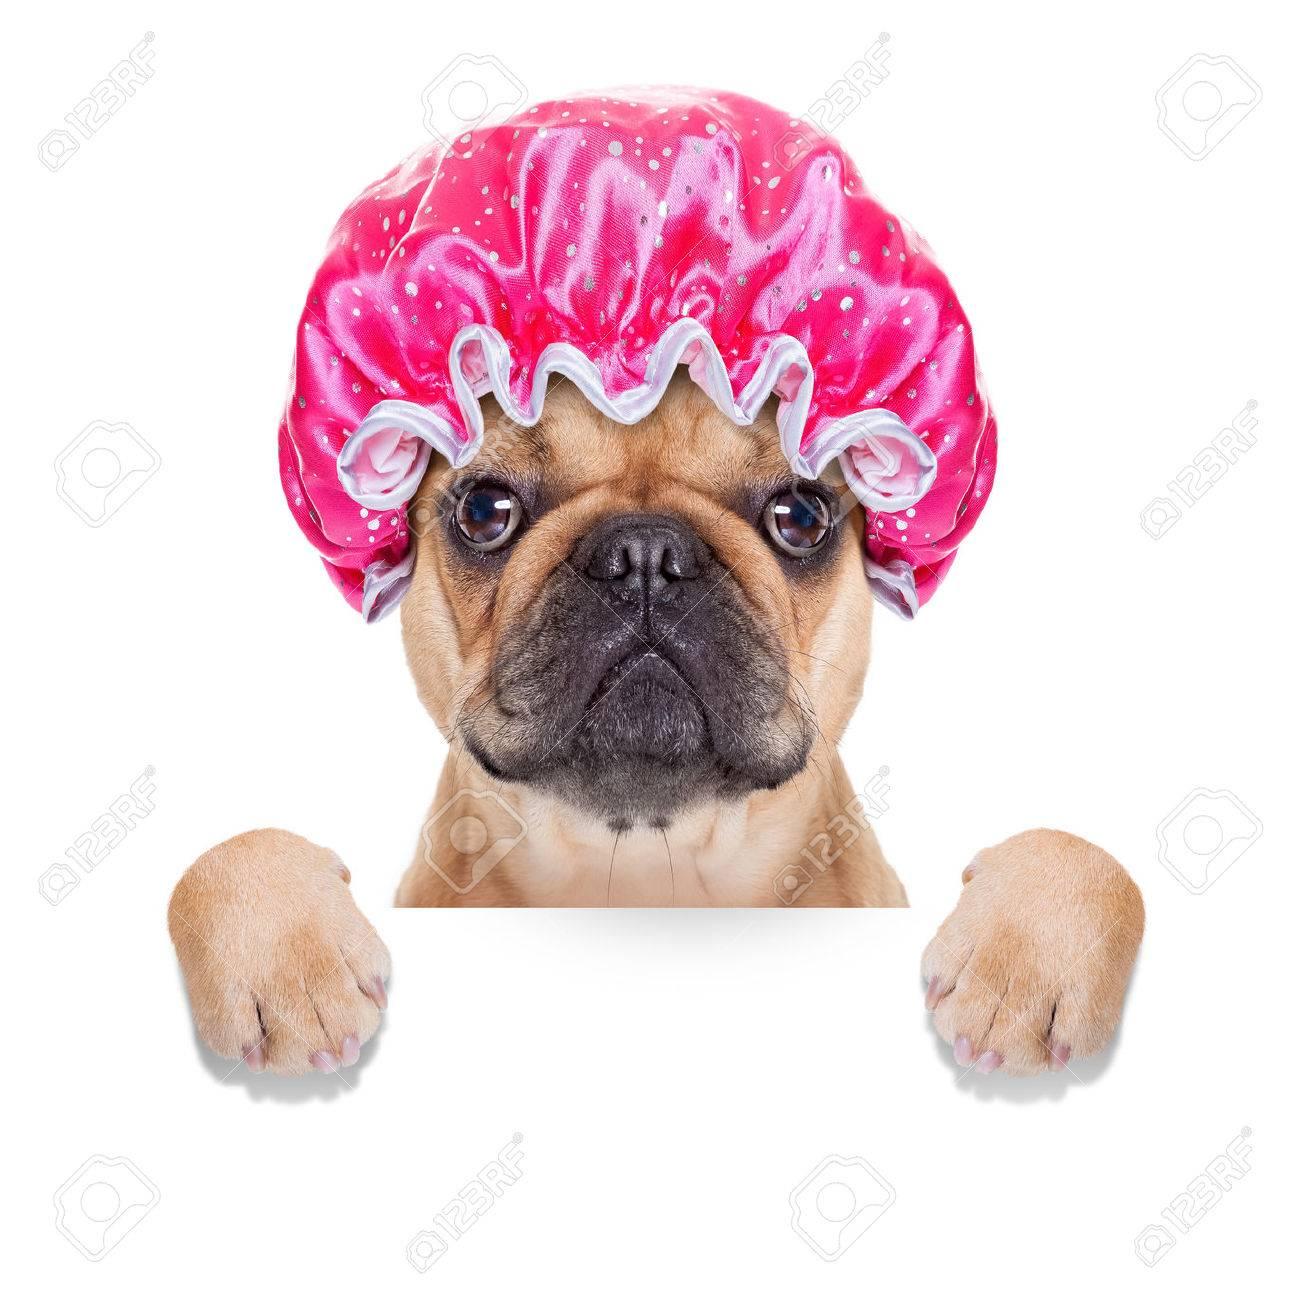 Französisch Bulldog Hund Bereit Eine Badewanne Oder Eine Dusche